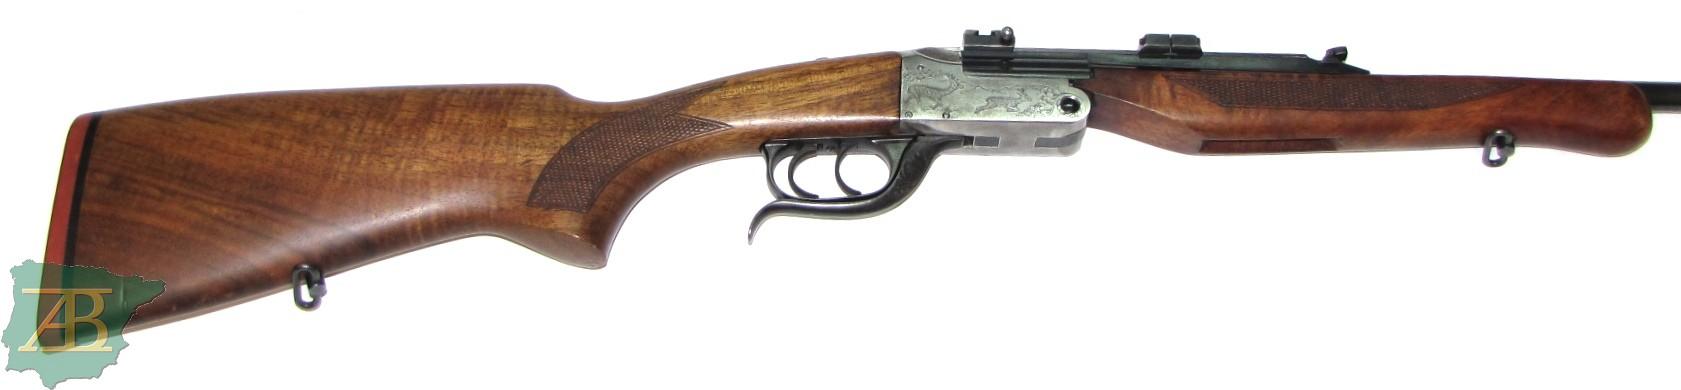 Rifle monotiro de caza ZANARDINI Ref 5862-armeriaiberica-2